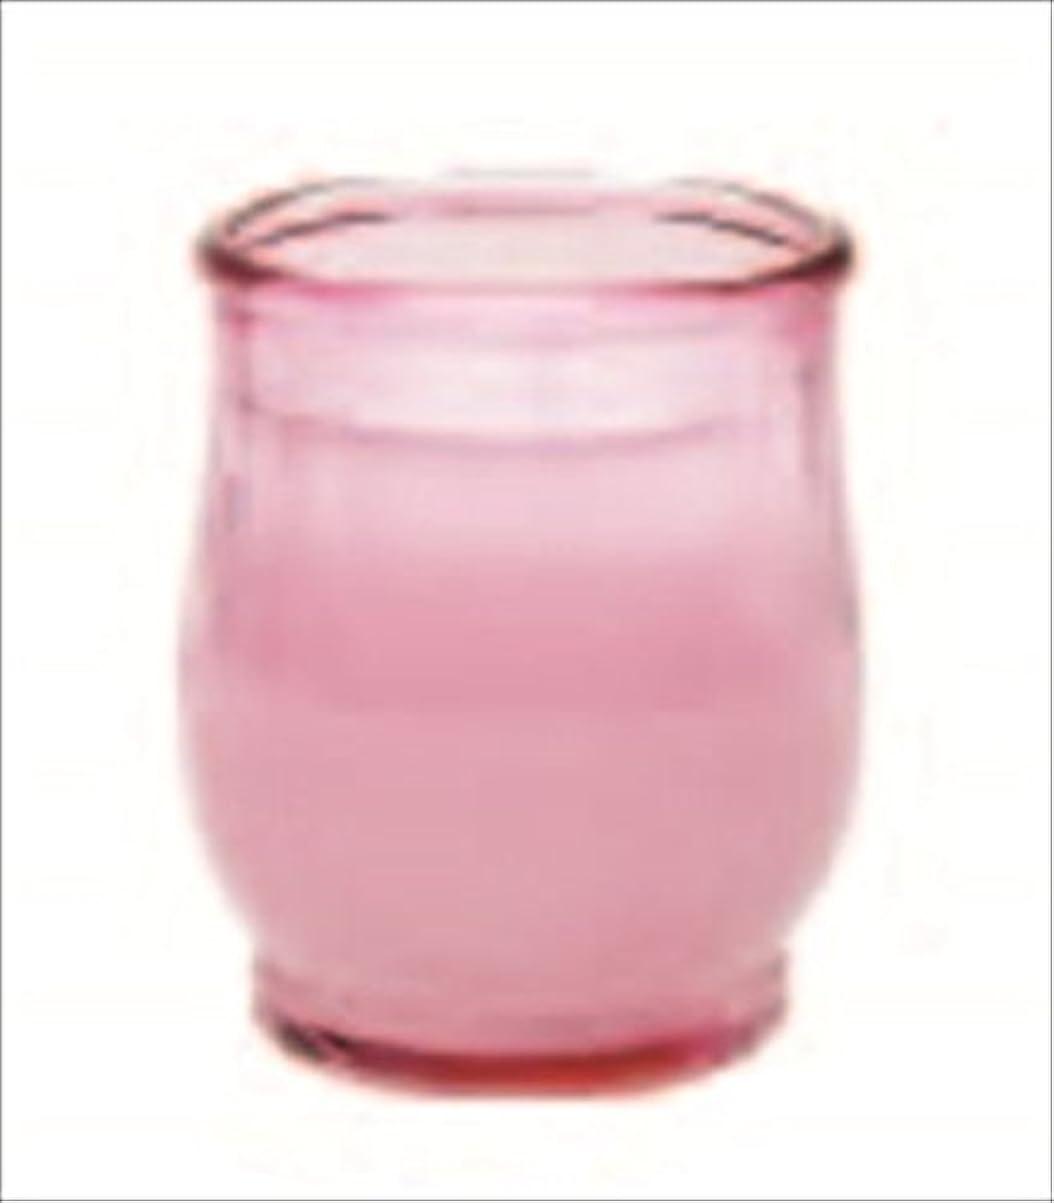 暴露するメロディアス暫定のkameyama candle(カメヤマキャンドル) ポシェ 「 ピンク 」(73020040P)